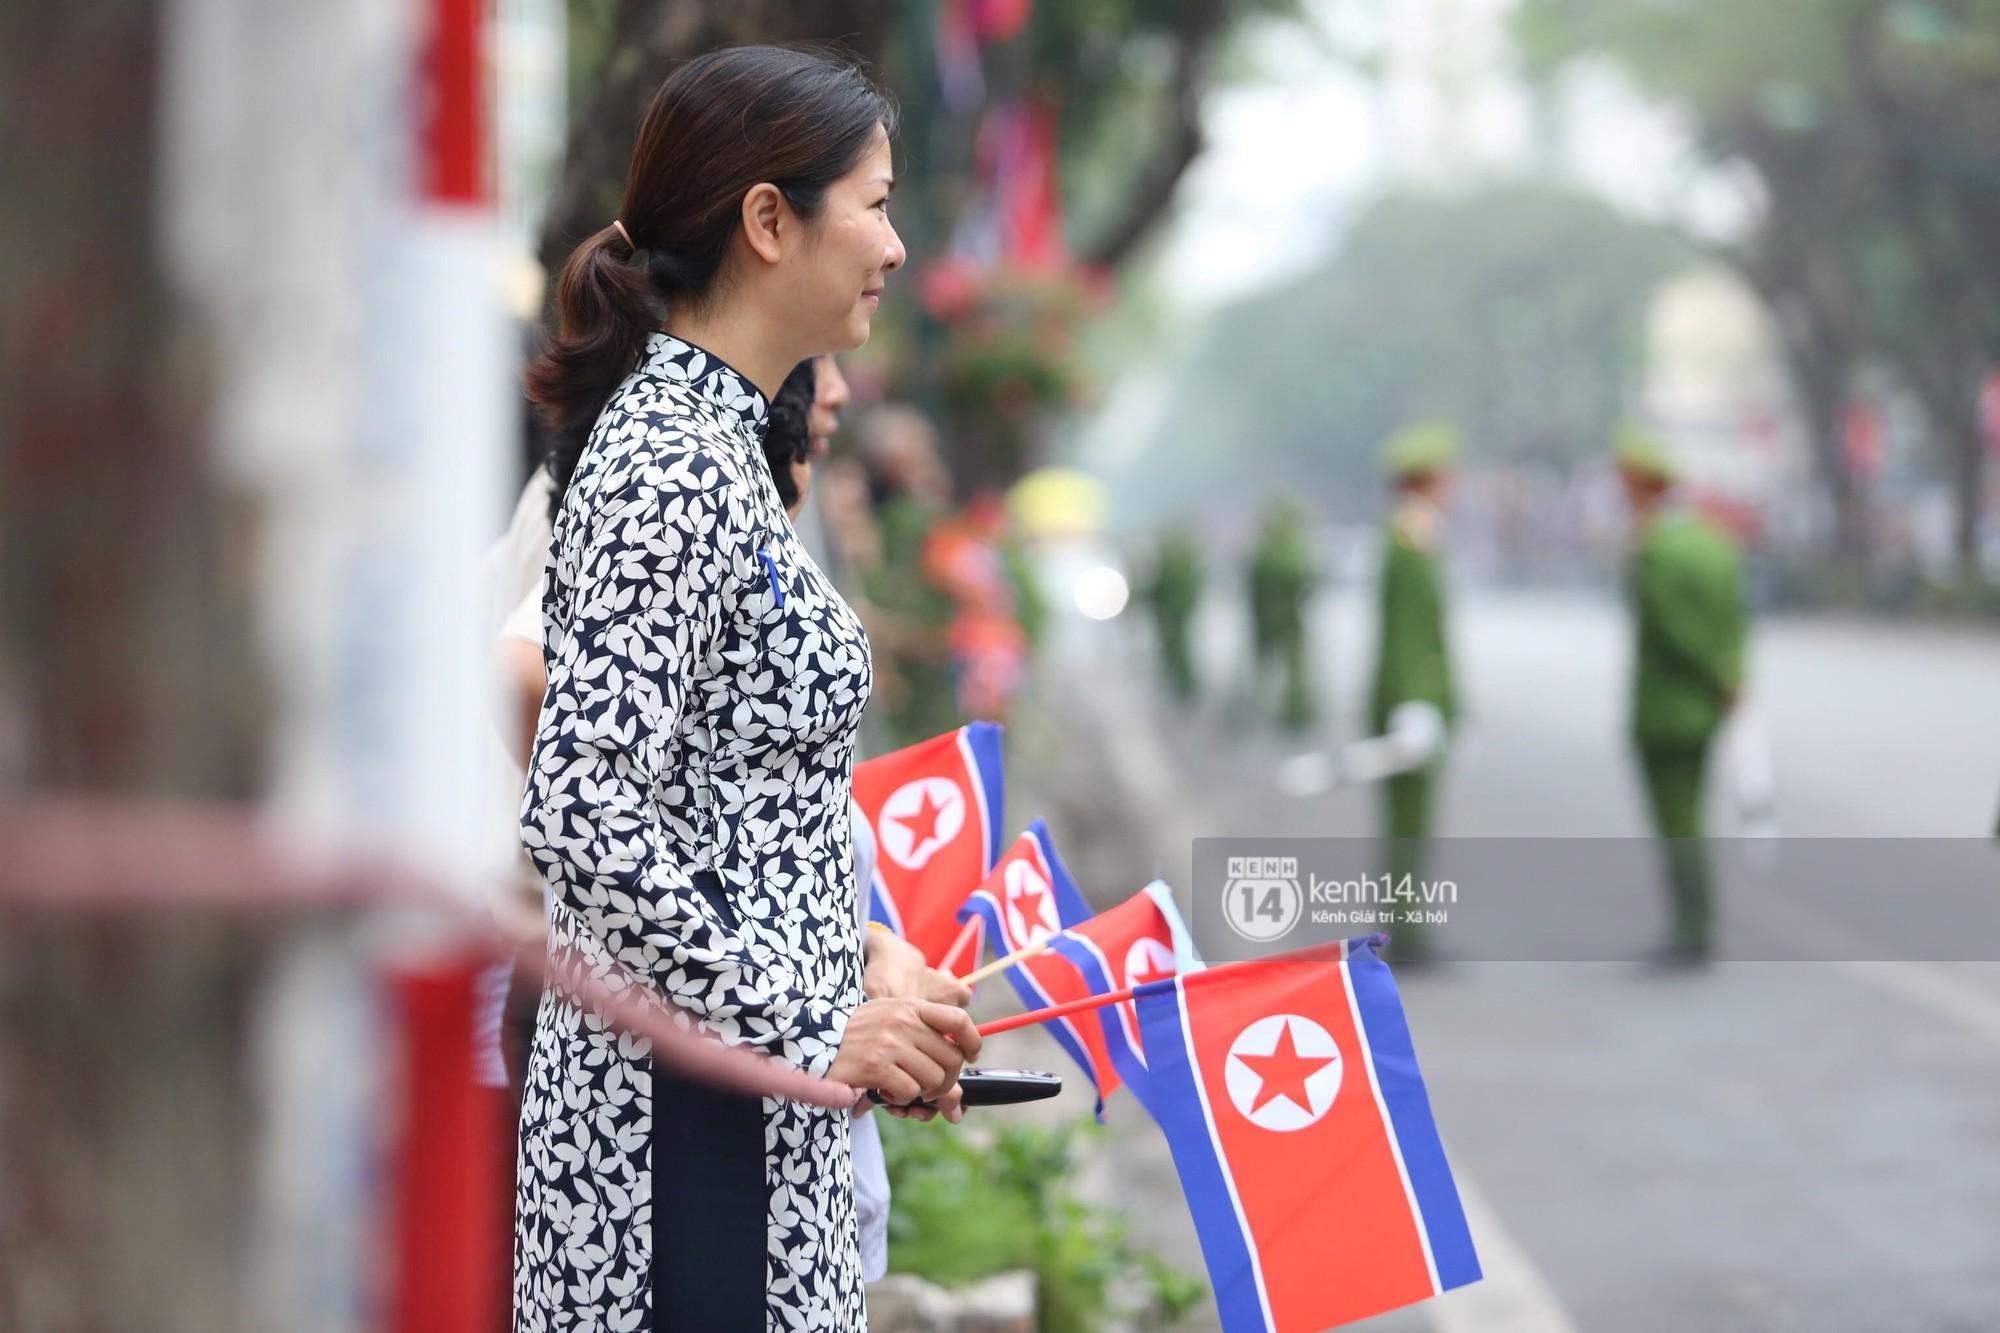 Chủ tịch Kim Jong-un vẫy tay chào người dân, đang trên đường viếng đài liệt sĩ và lăng Chủ tịch Hồ Chí Minh - Ảnh 8.